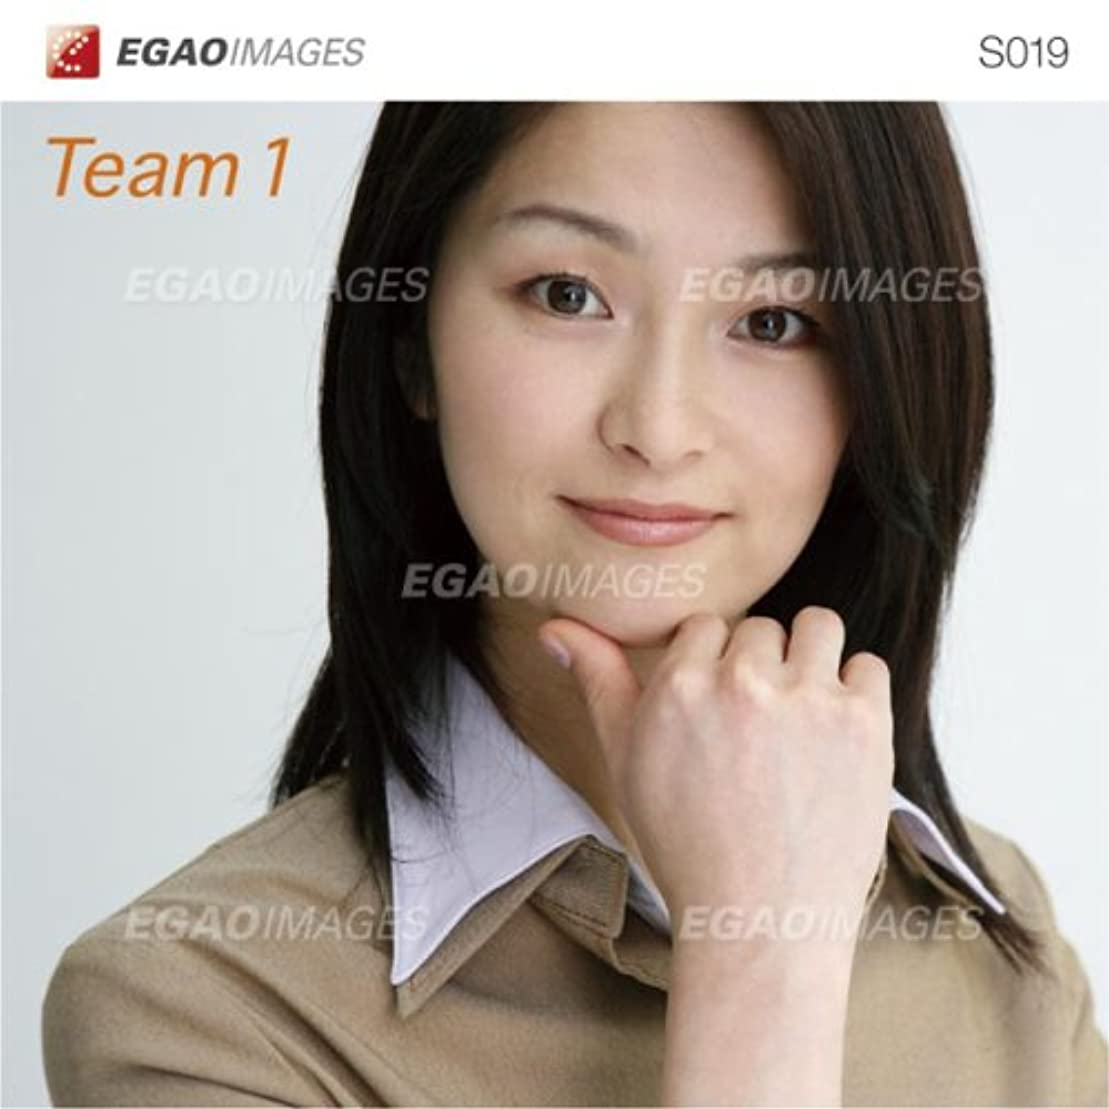 繰り返す中央鍔EGAOIMAGES S019 ビジネス「ビジネスチーム1」